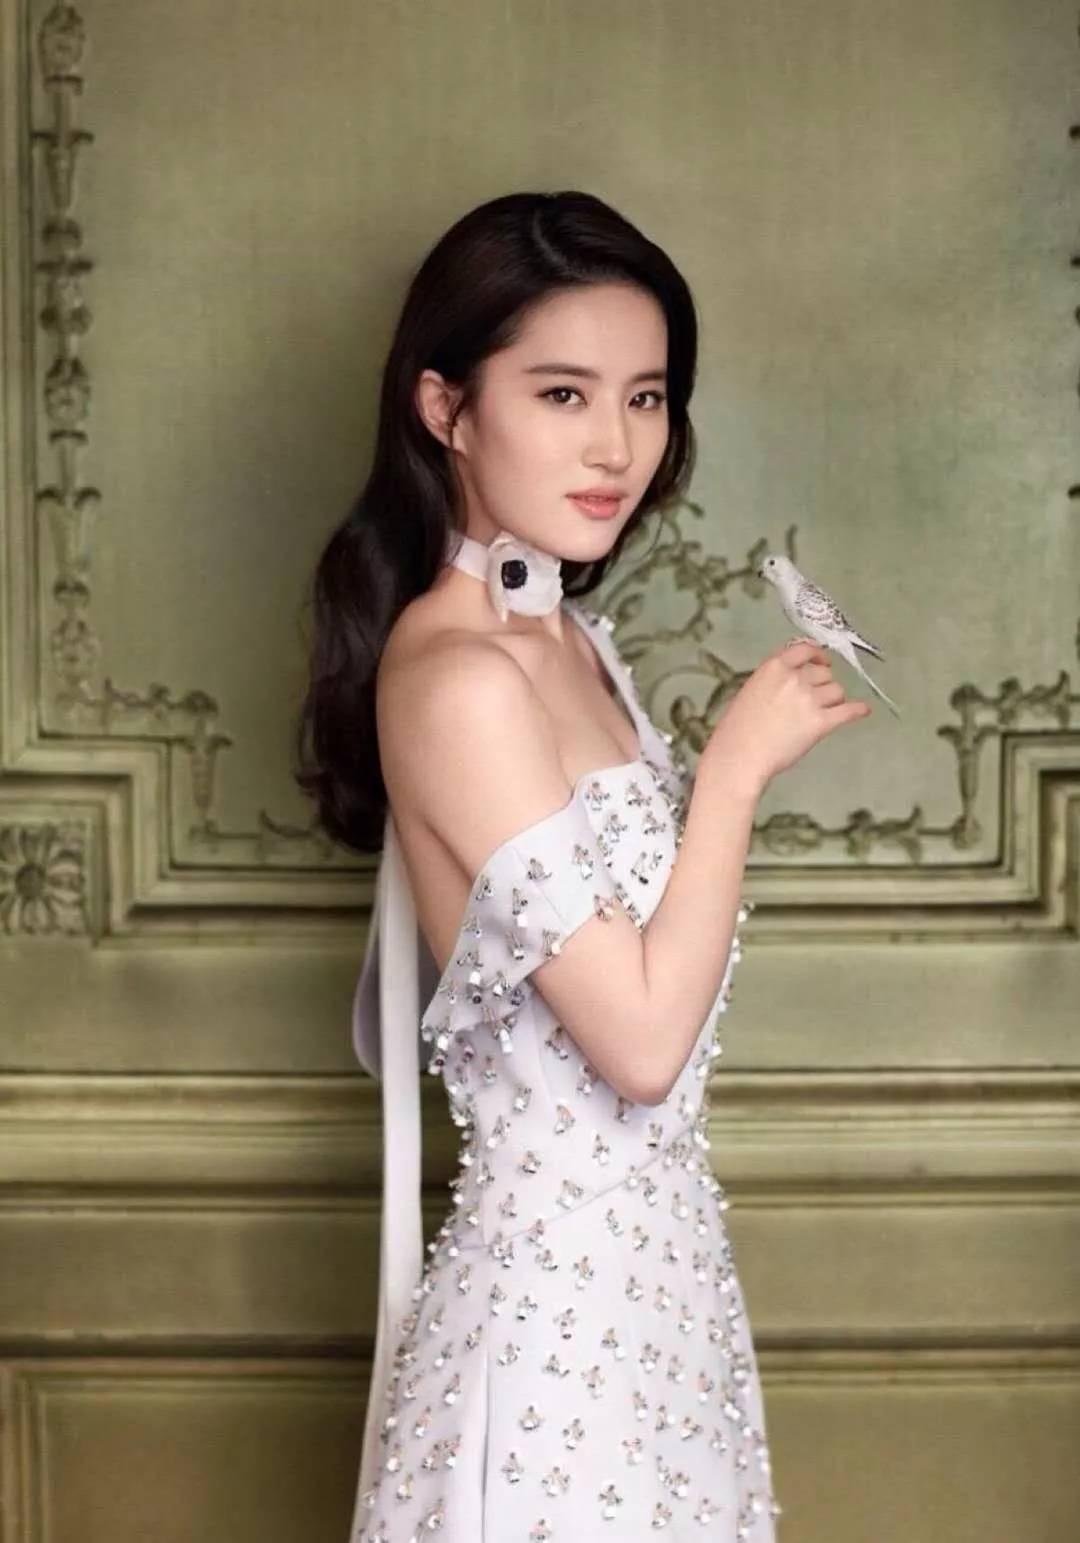 """刘亦菲不再是""""神仙姐姐"""",现在已经""""还俗""""了!-第2张图片"""